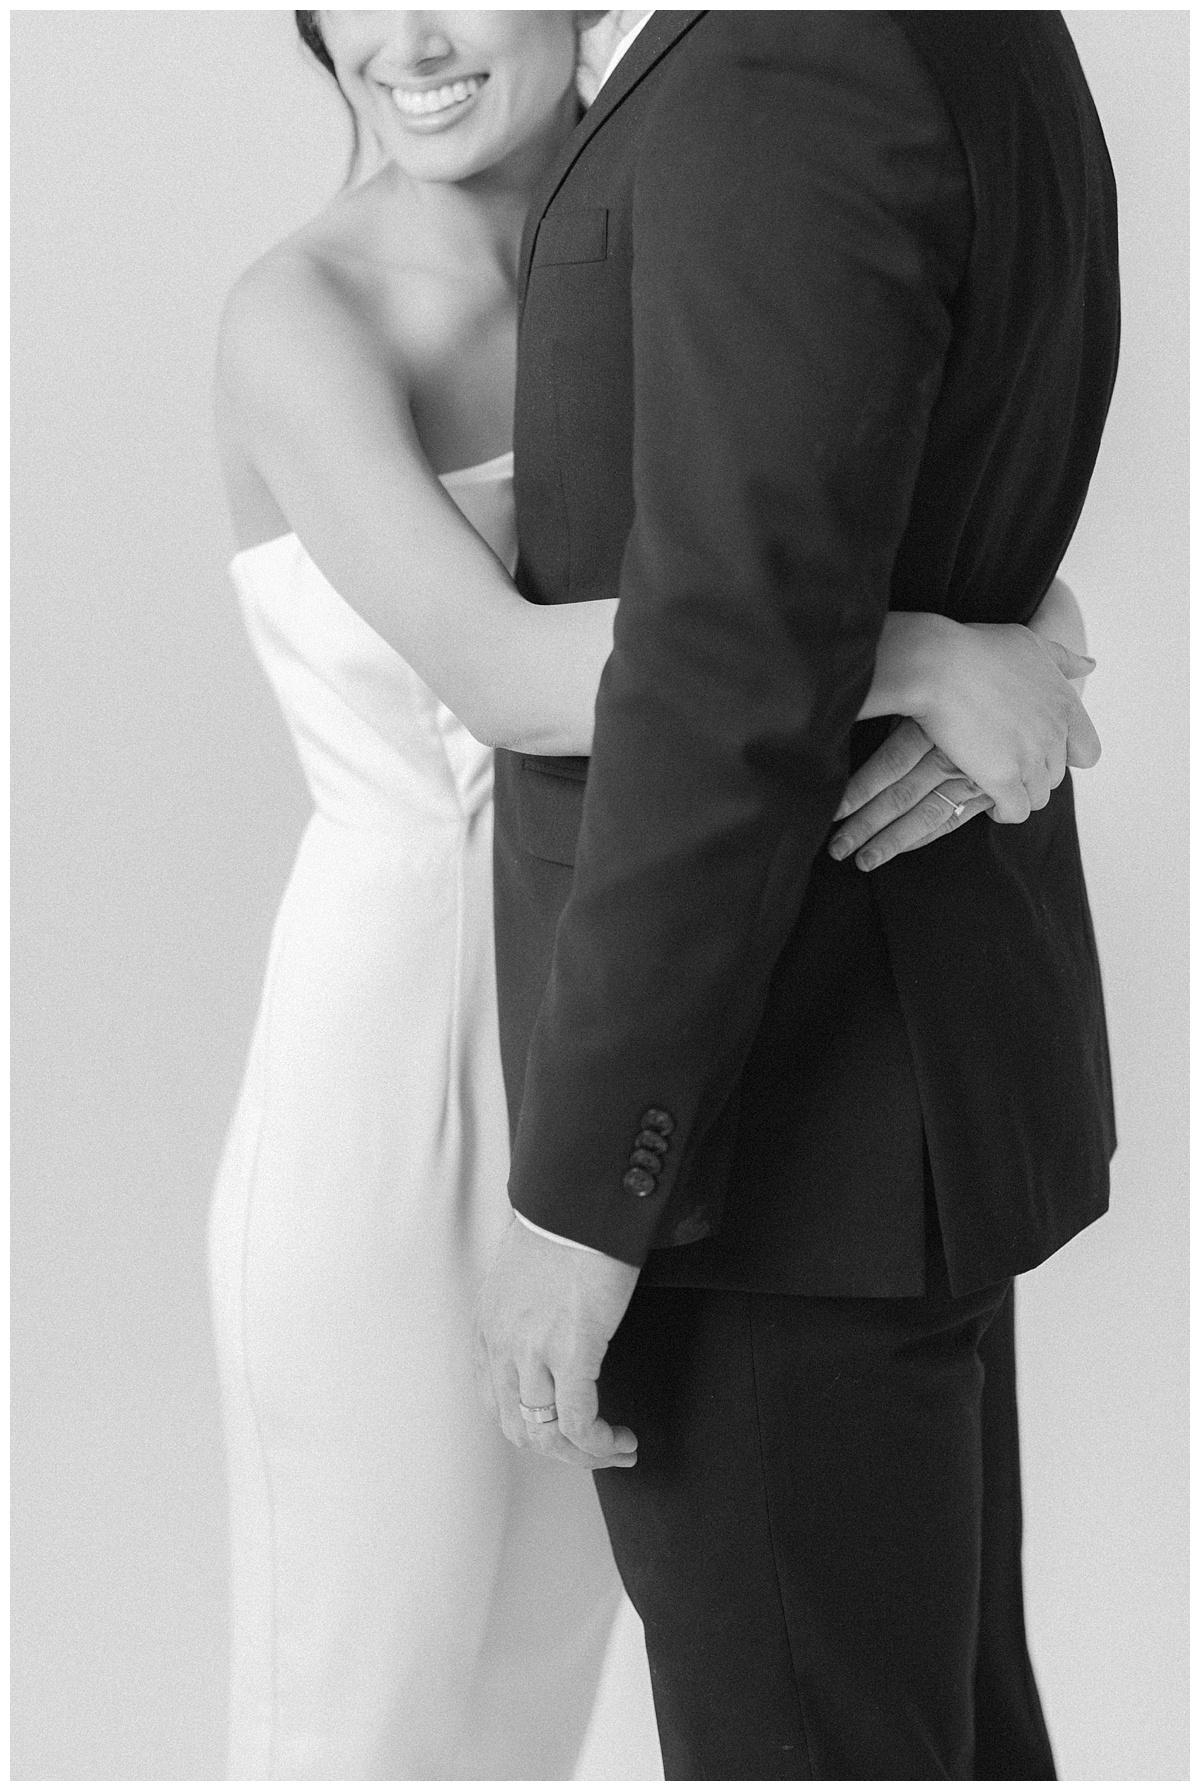 Hong Kong Fine Art Wedding Prewedding Photographer Mattie C. 00010.jpg